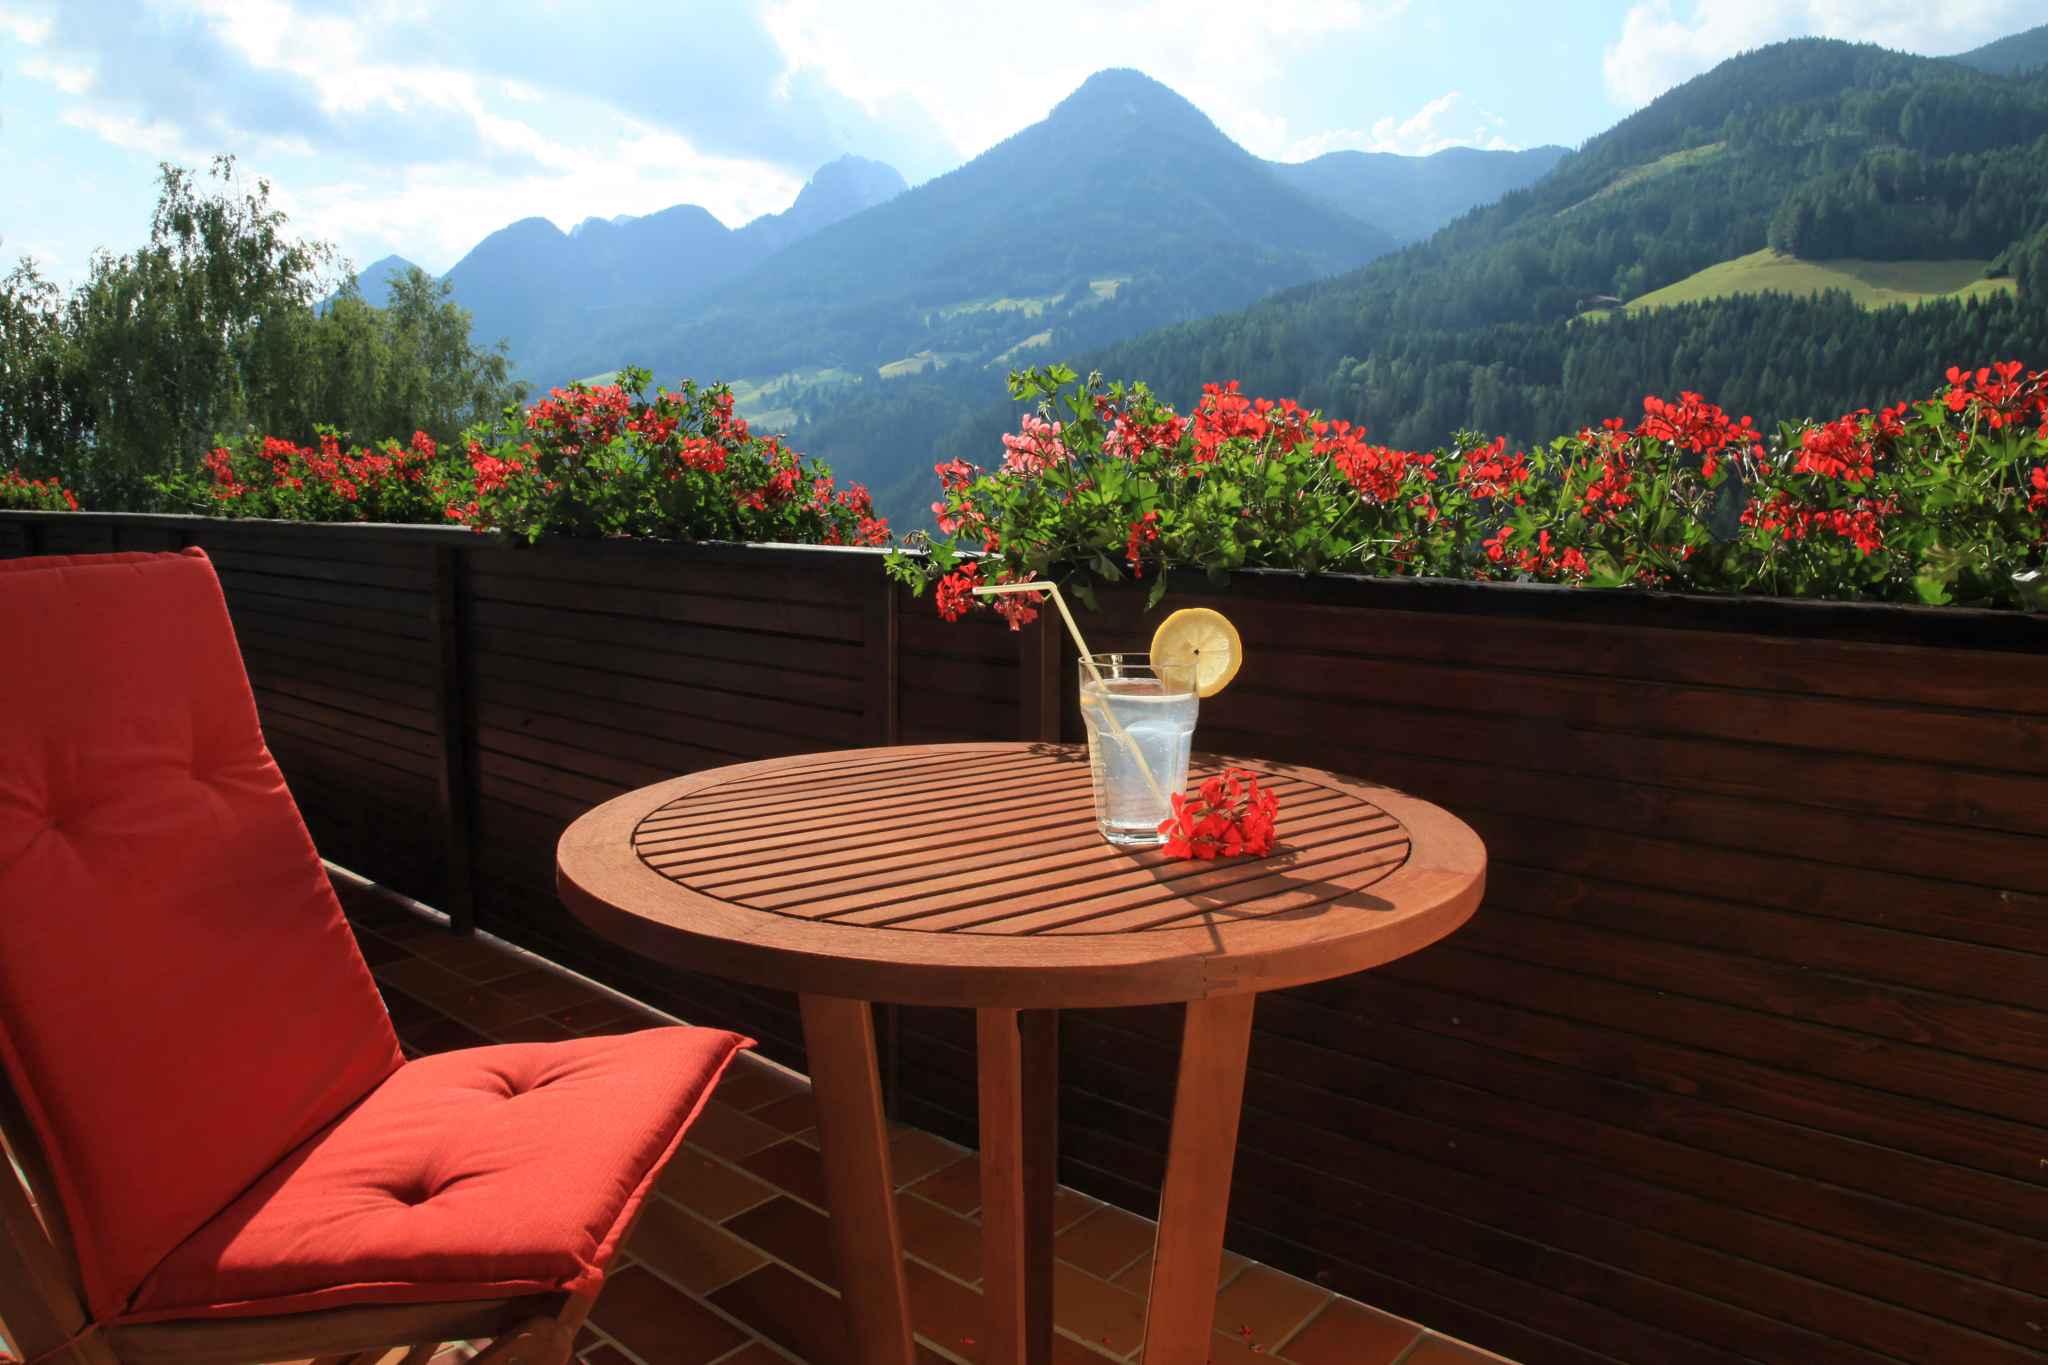 Ferienwohnung mit Balkon mit Panoramablick (1671098), Abfaltersbach, Osttirol, Tirol, Österreich, Bild 2